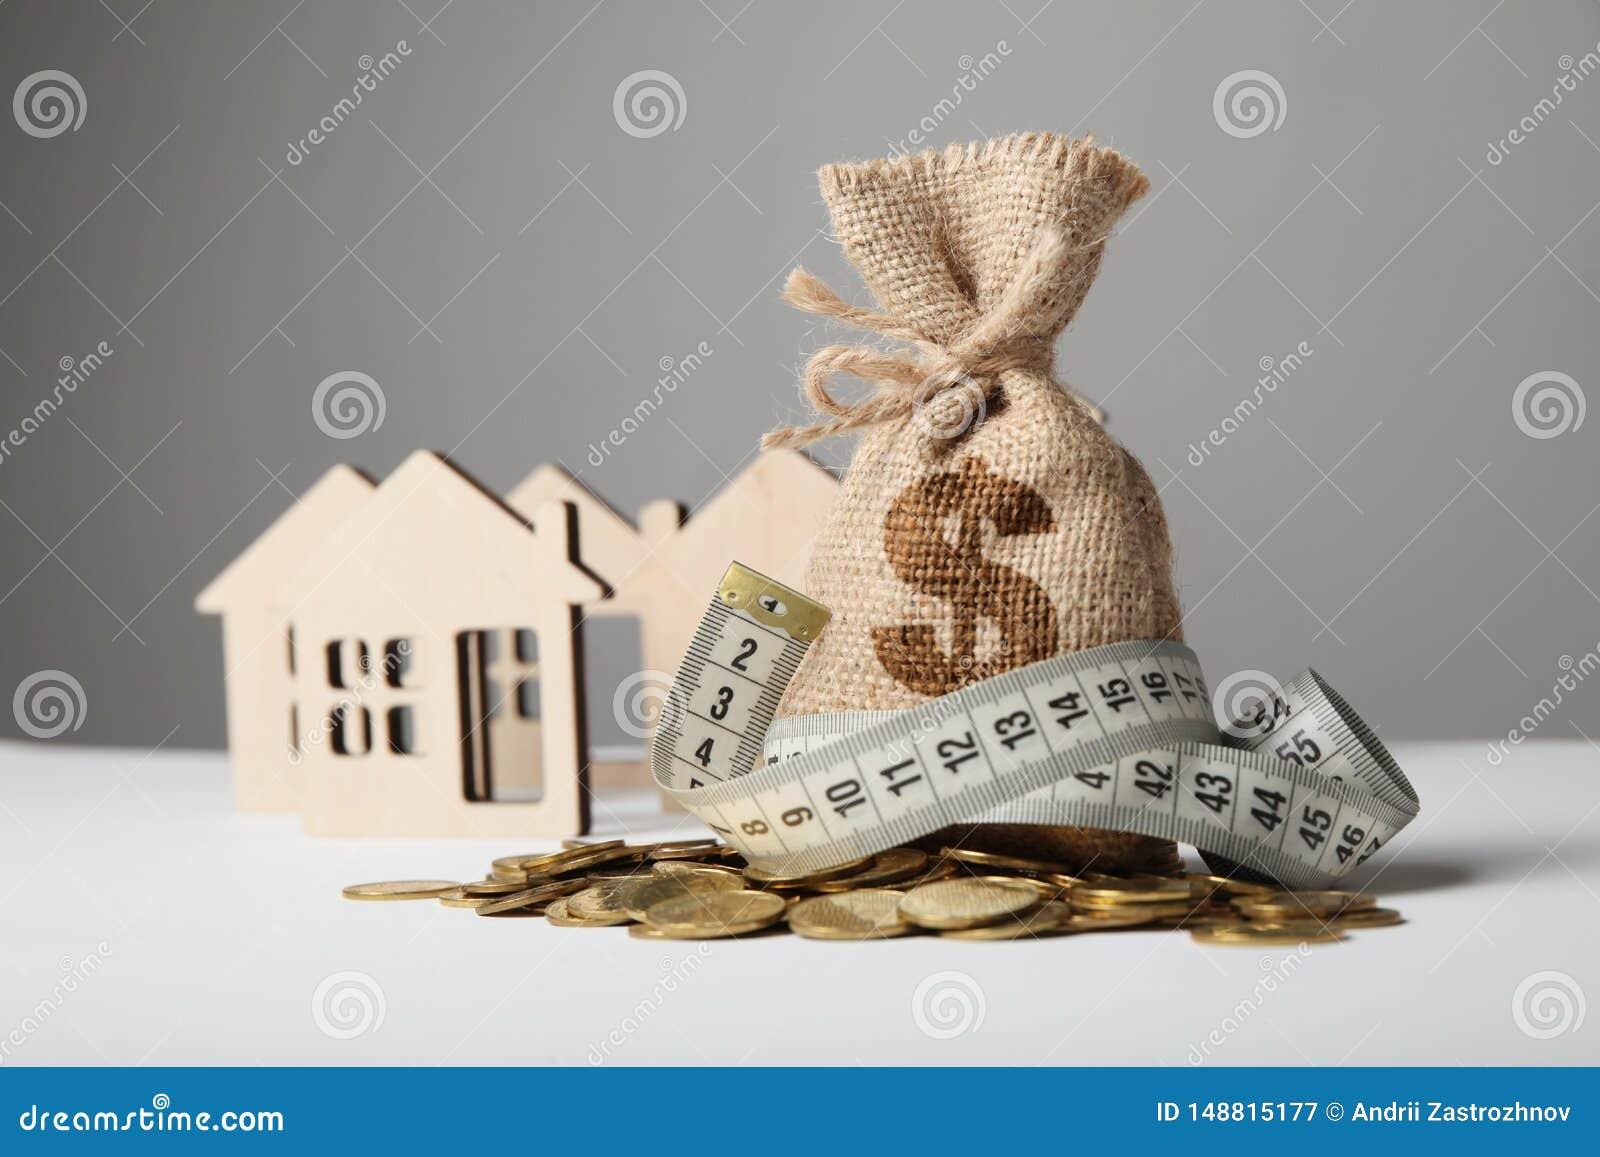 Elaborazione della borsa con il logo del dollaro sulle monete gialle e misurare nastro su fondo della figura della casa Oncept de